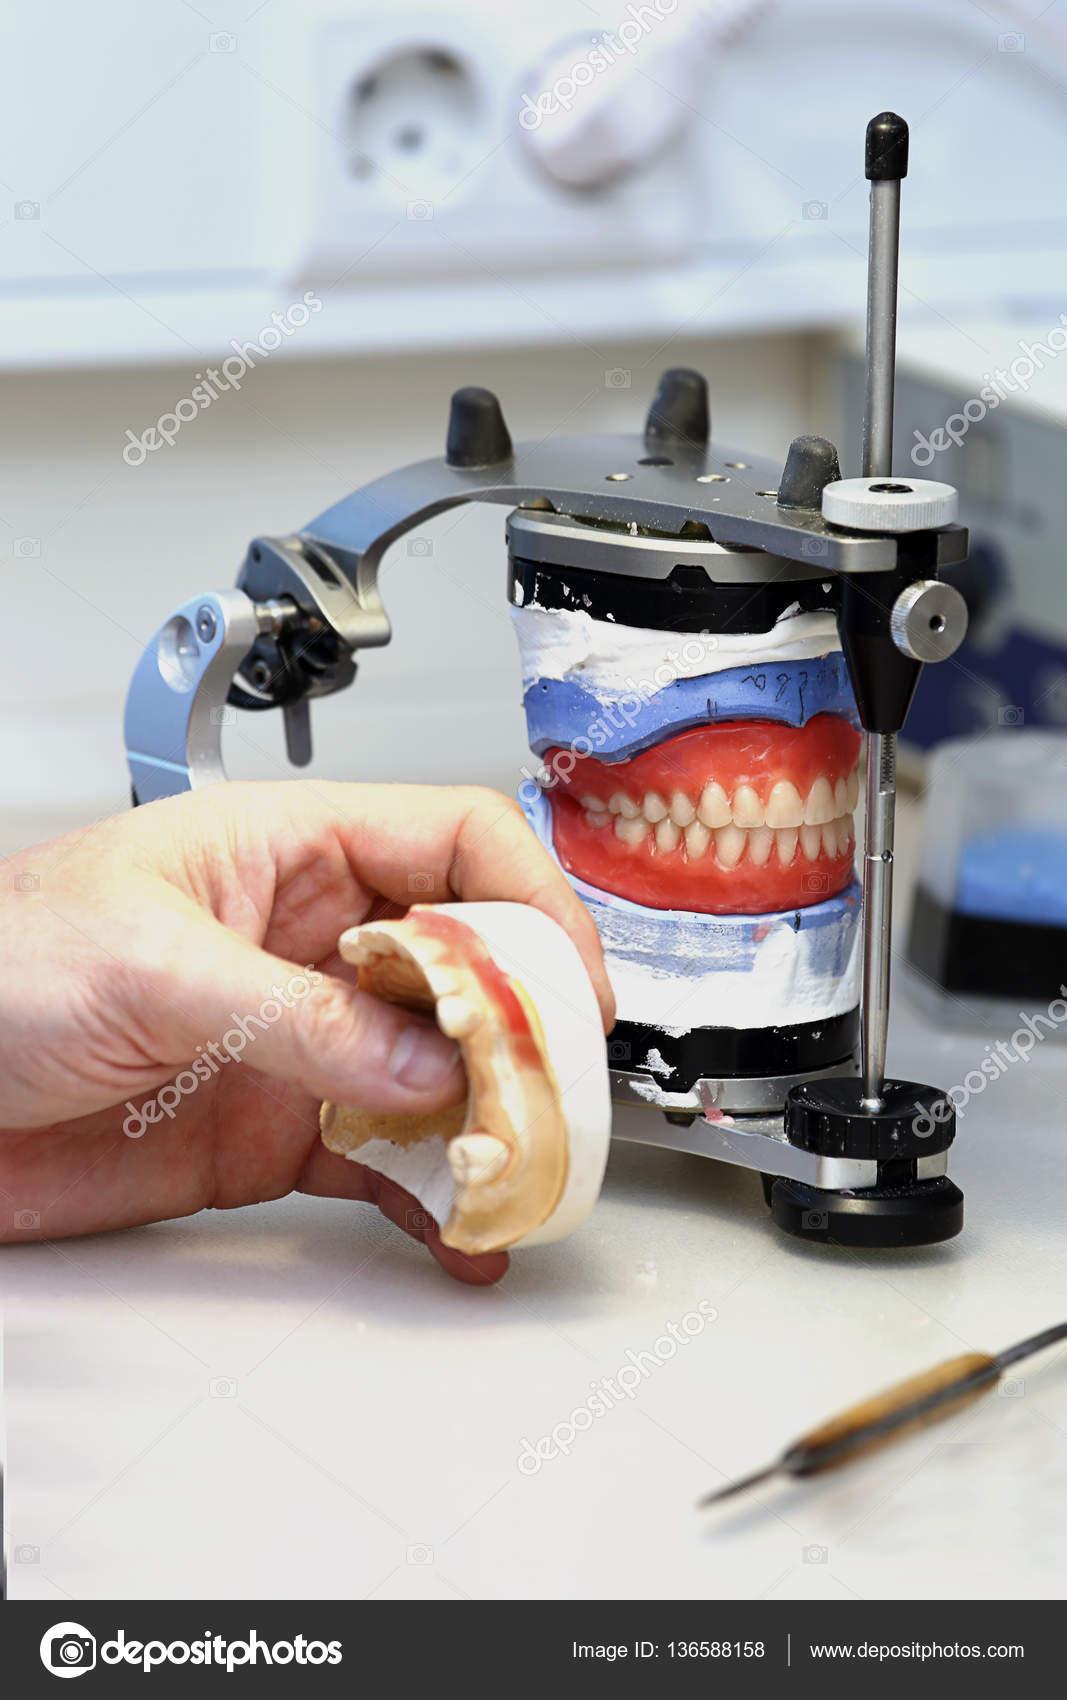 Οδοντοτεχνικό εργαστήριο. οδοντοτεχνικό εργαστήριο. εργασία του  οδοντοτεχνίτη — Φωτογραφία Αρχείου 5cc34aa326b